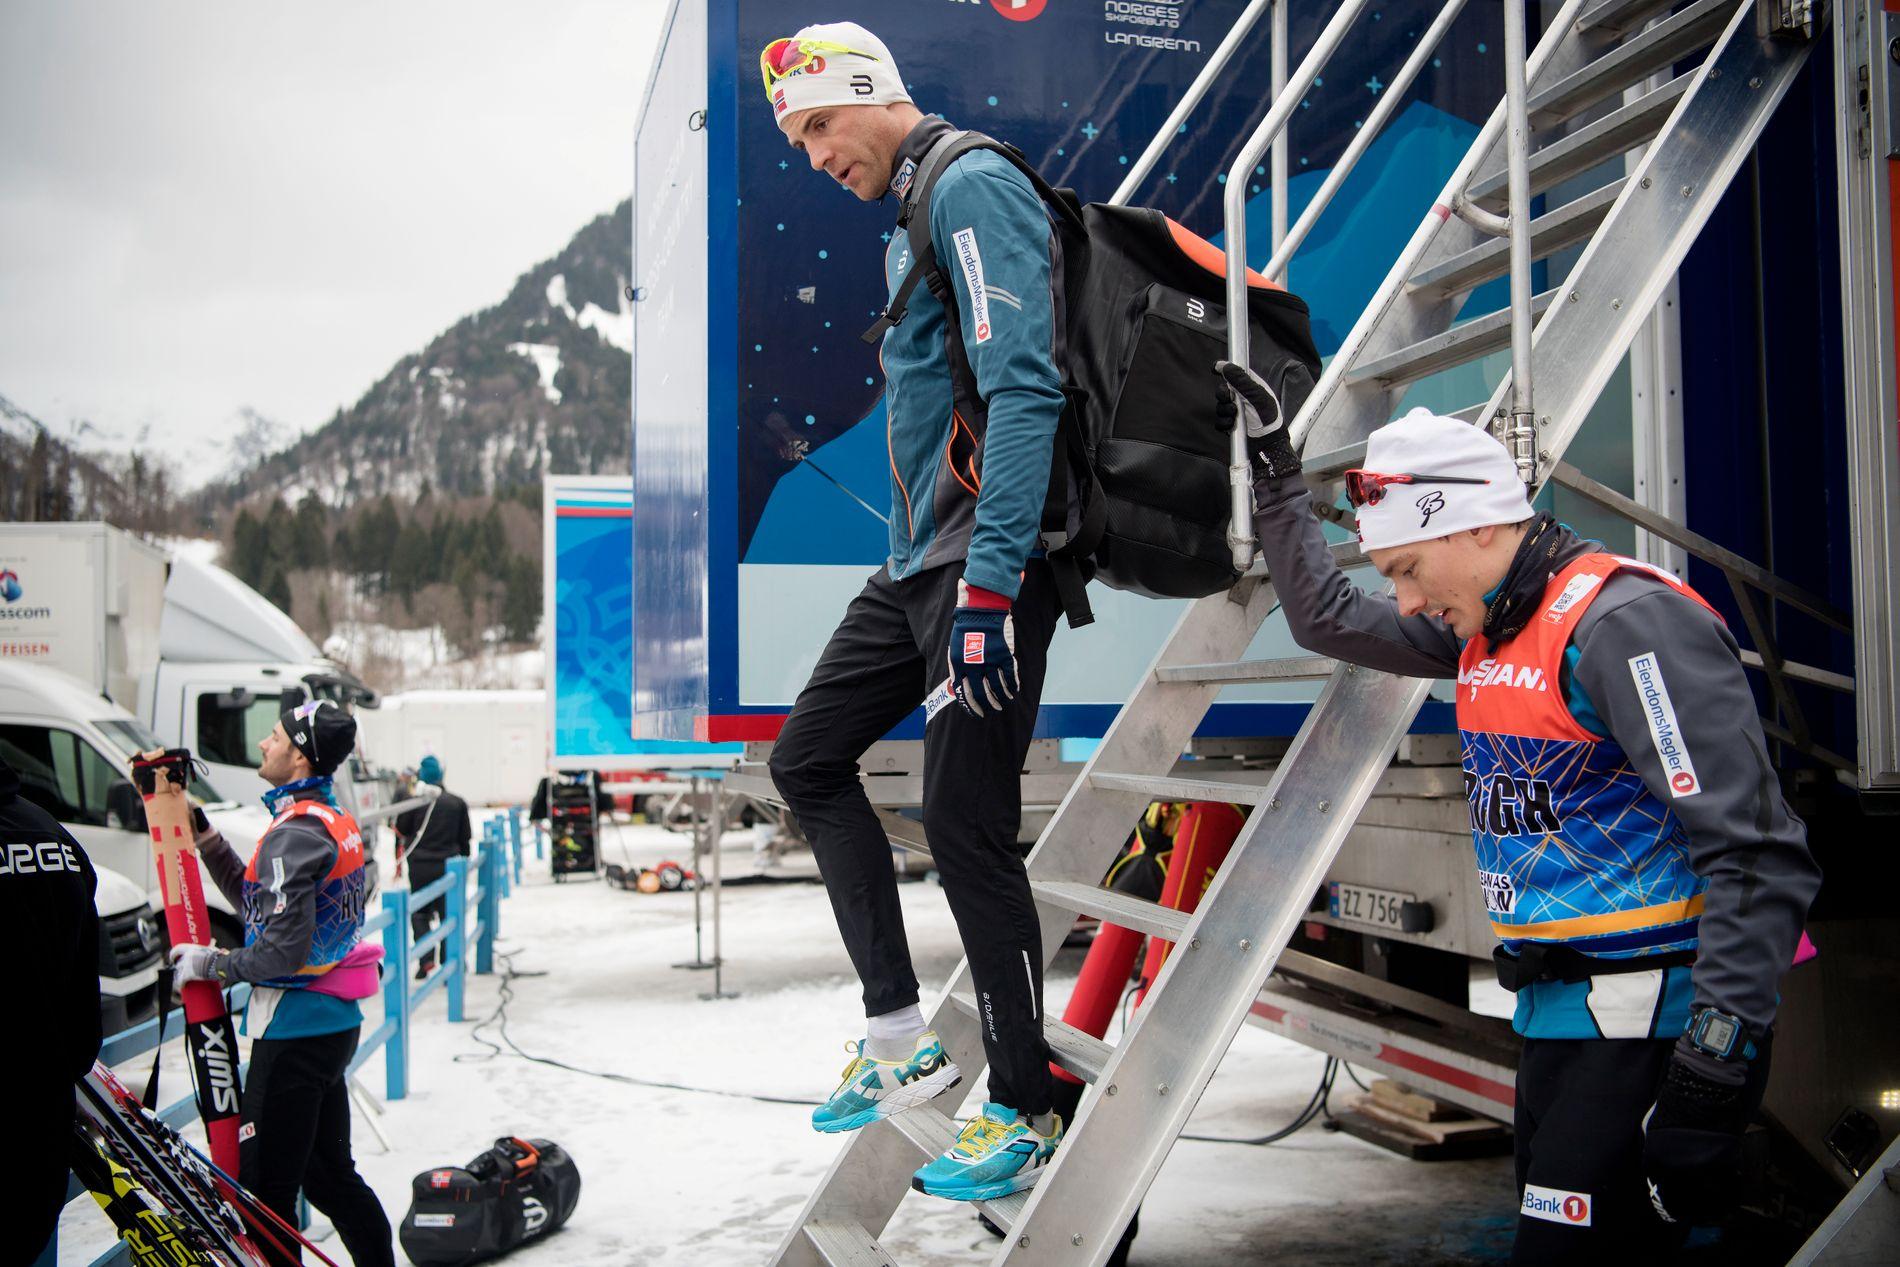 KLAR FOR ØKT: Niklas Dyrhaug, her før treningsturen under hviledagen i Tour de Ski i Oberstdorf tirsdag. Til høyre står Finn-Hågen Krogh.